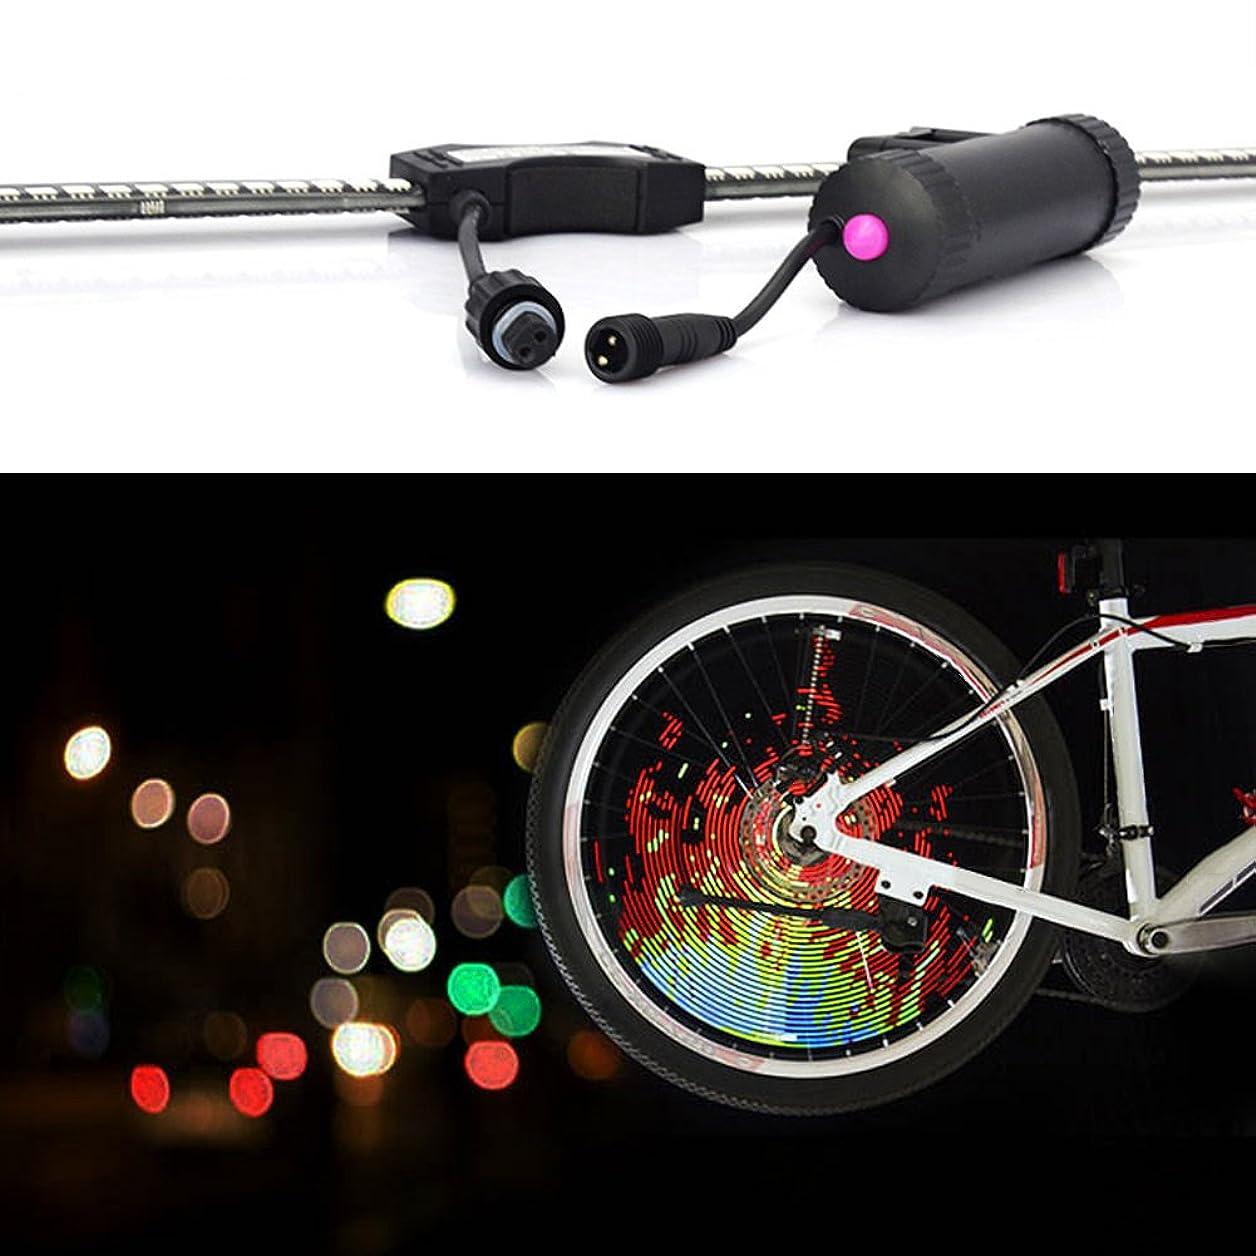 プーノ副性差別Xlp DIY LED自転車ホイールスポークライトUSB充電式自転車プログラマブル防水リムナイトライディングアクセサリー